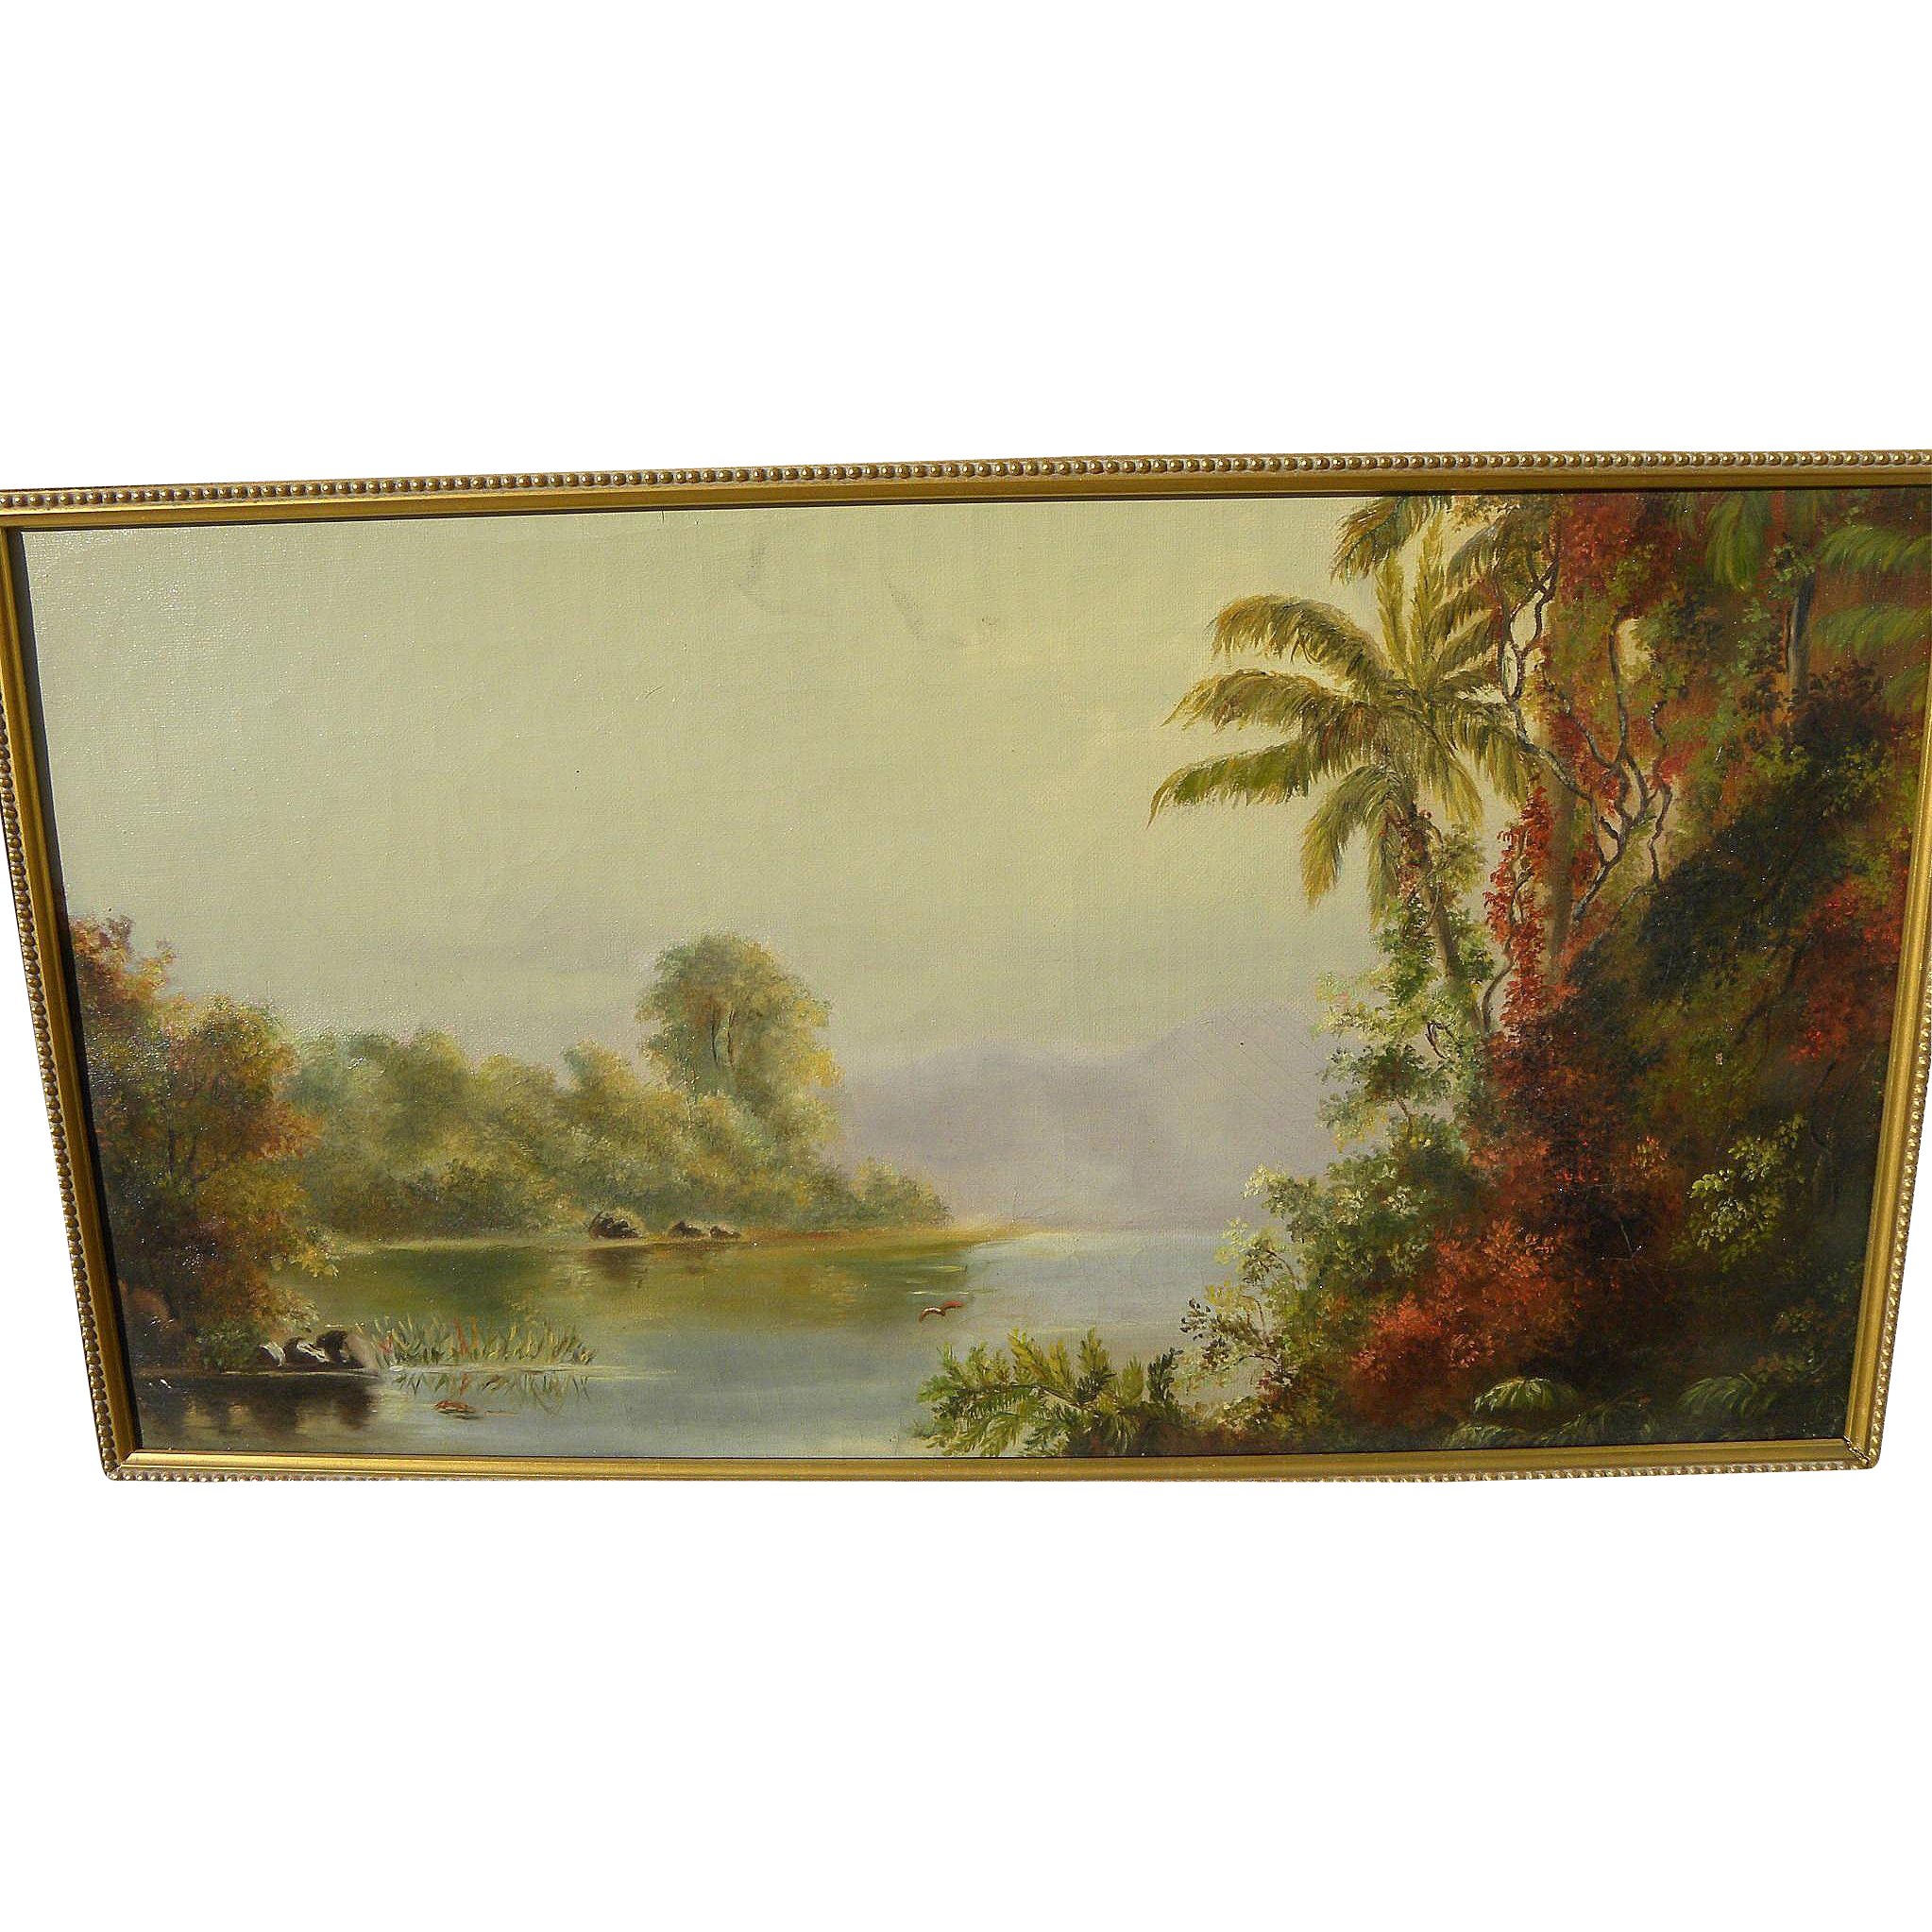 Norton Bush Painting For Sale